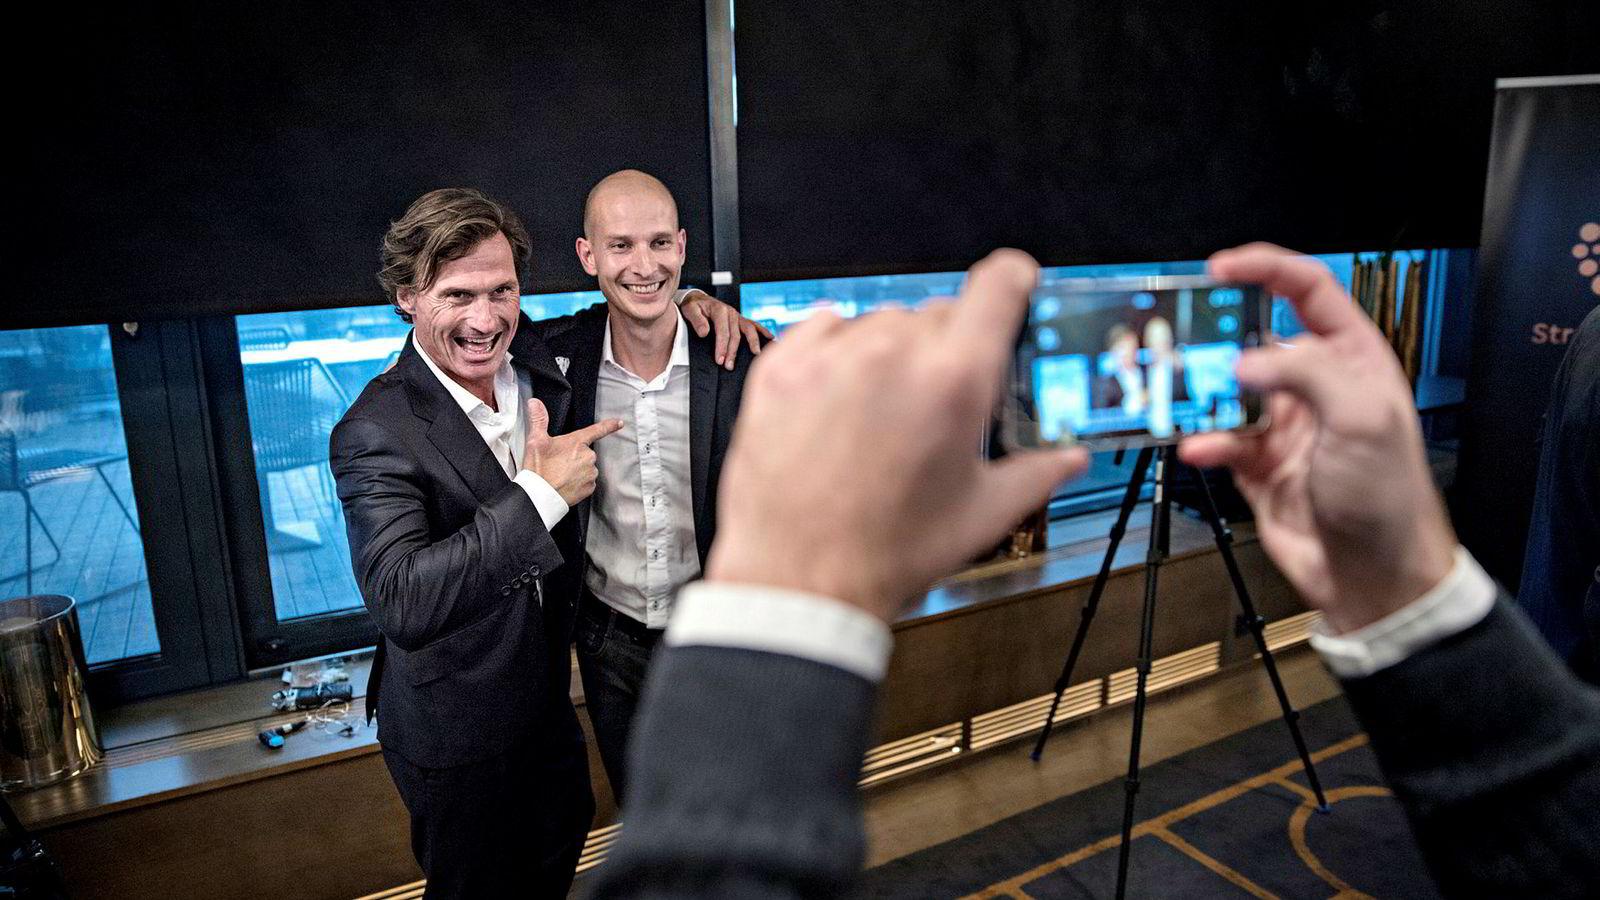 Edgeir Vårdal Aksnes (til høyre) og Tibber markerte seg først i hotellmilliardær Petter Stordalens gründerkonkurranse i 2016. Nå henter selskapet over 100 millioner kroner i en fersk emisjon.